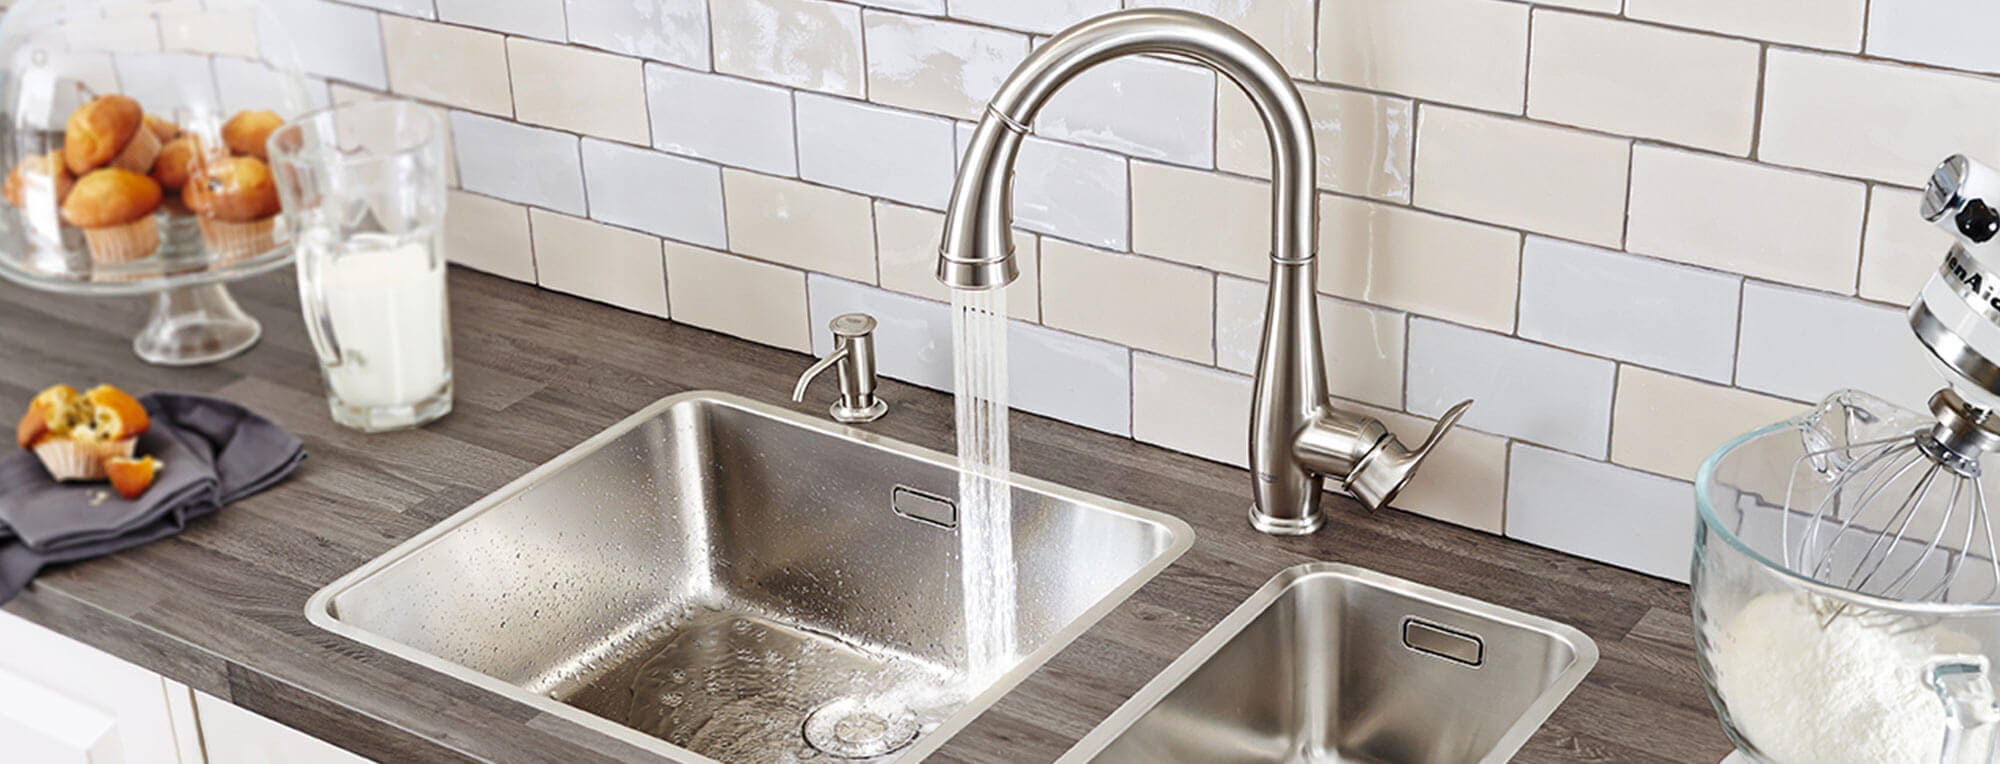 parkfield kitchen faucet